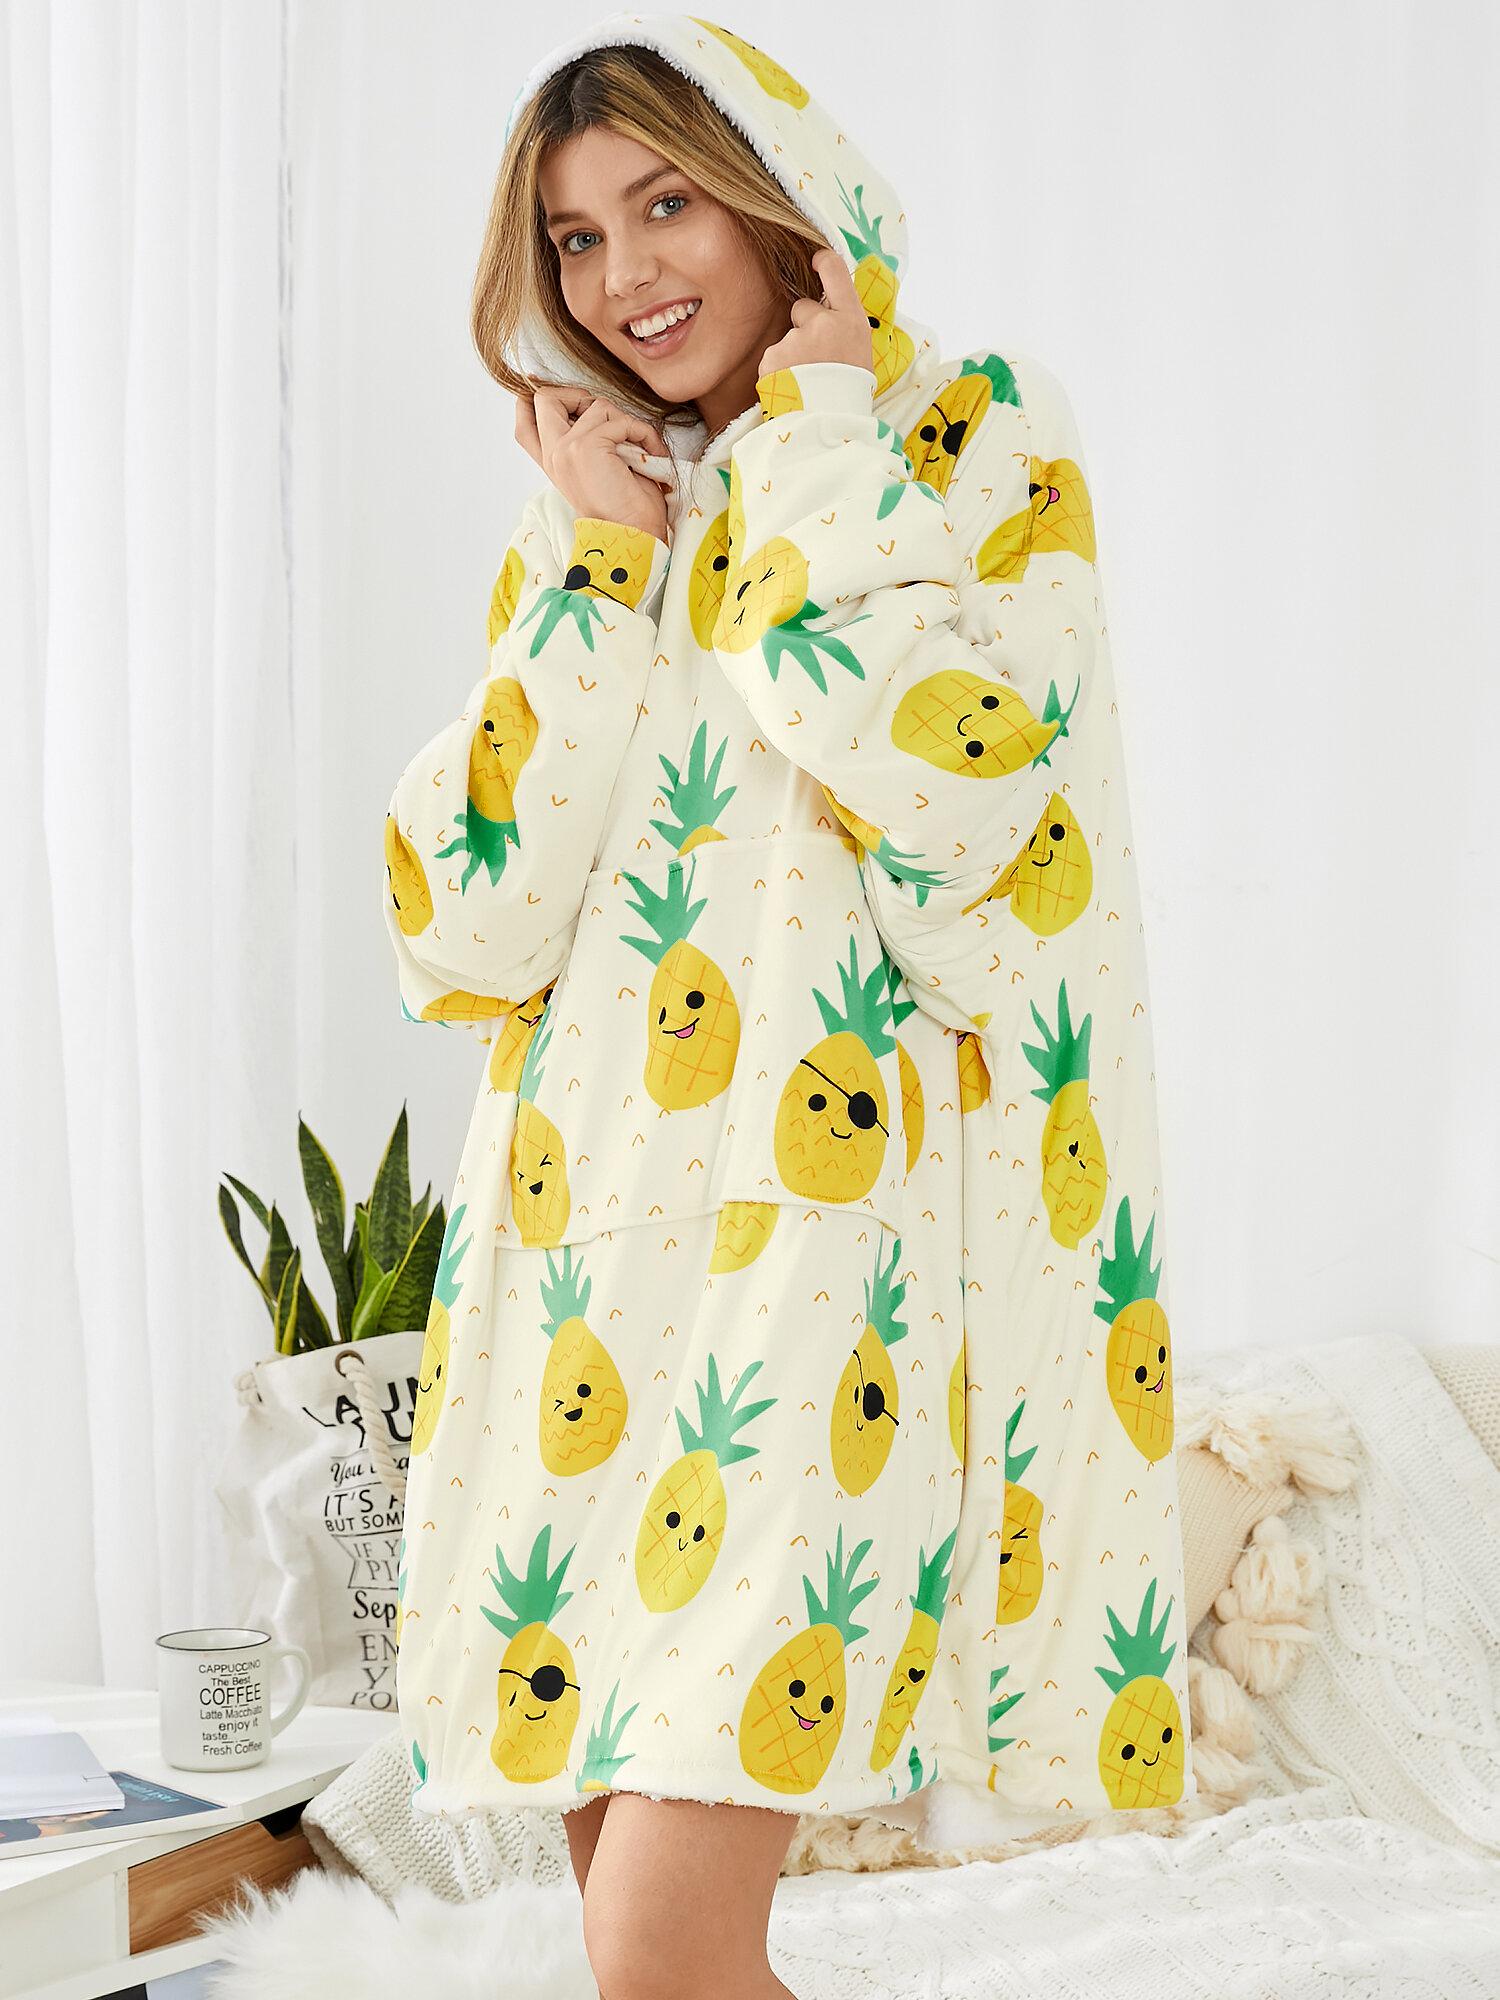 Женское одеяло большого размера с забавным принтом ананаса по всей поверхности Халат Носимое одеяло на флисовой подкладке Толстовка с капюшоном Домашняя уютная толстовка с карманом в виде кенгуру